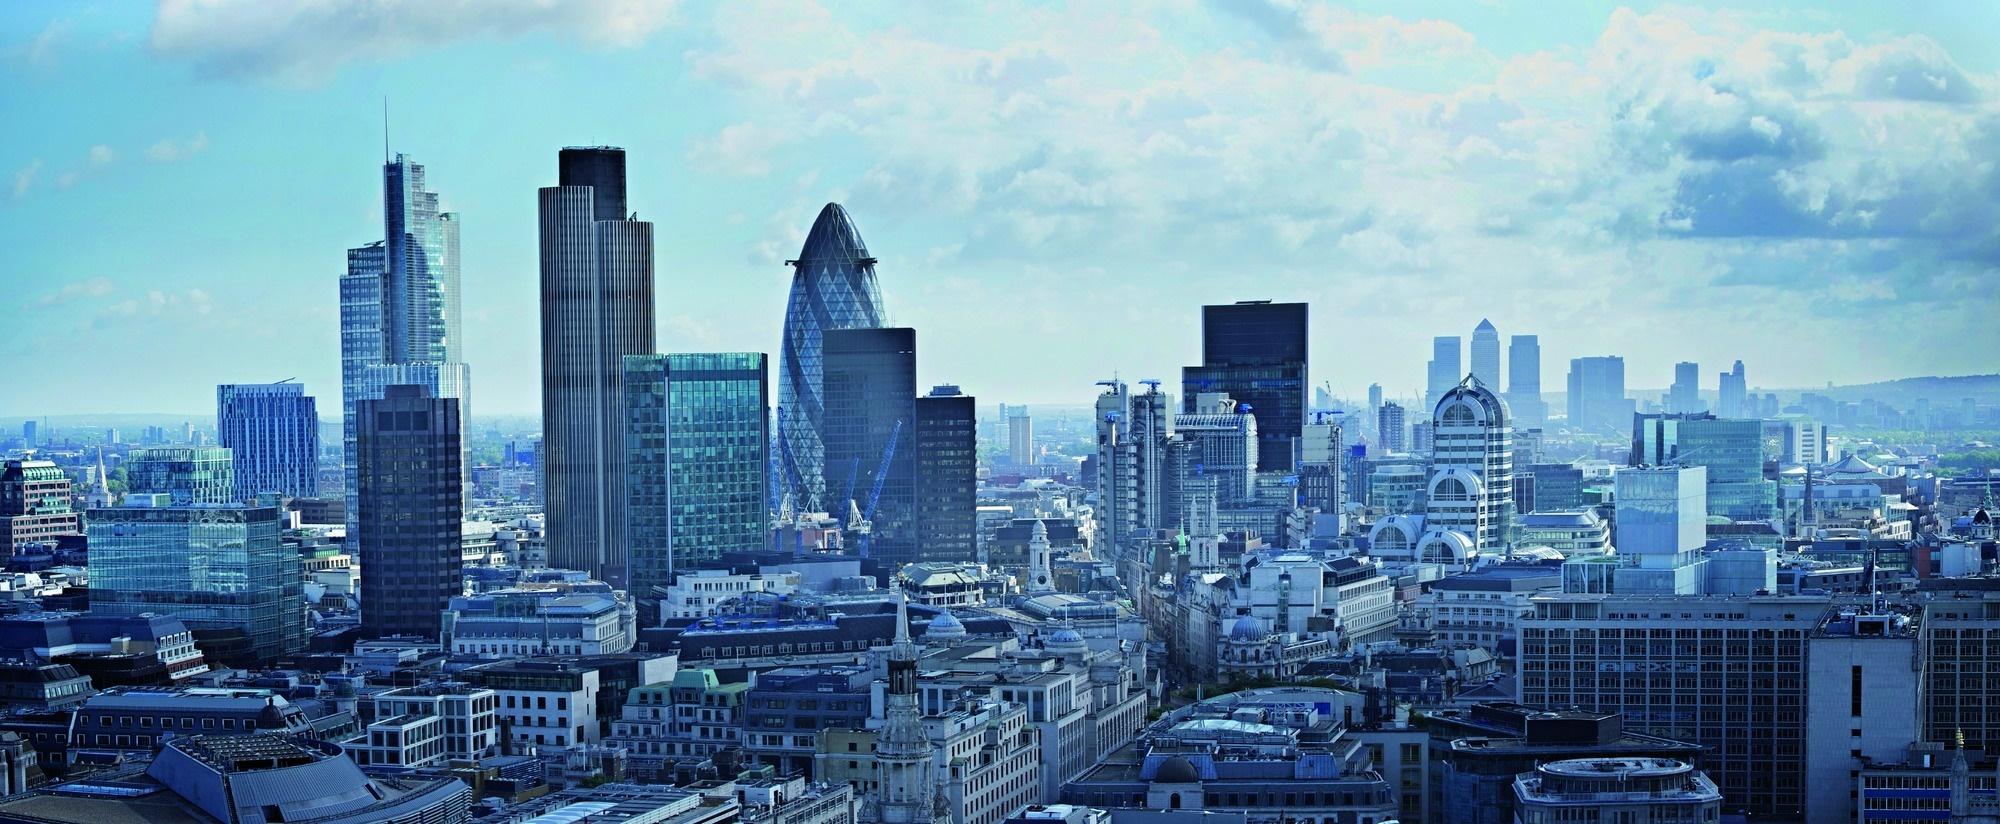 1369942_London_Skyline